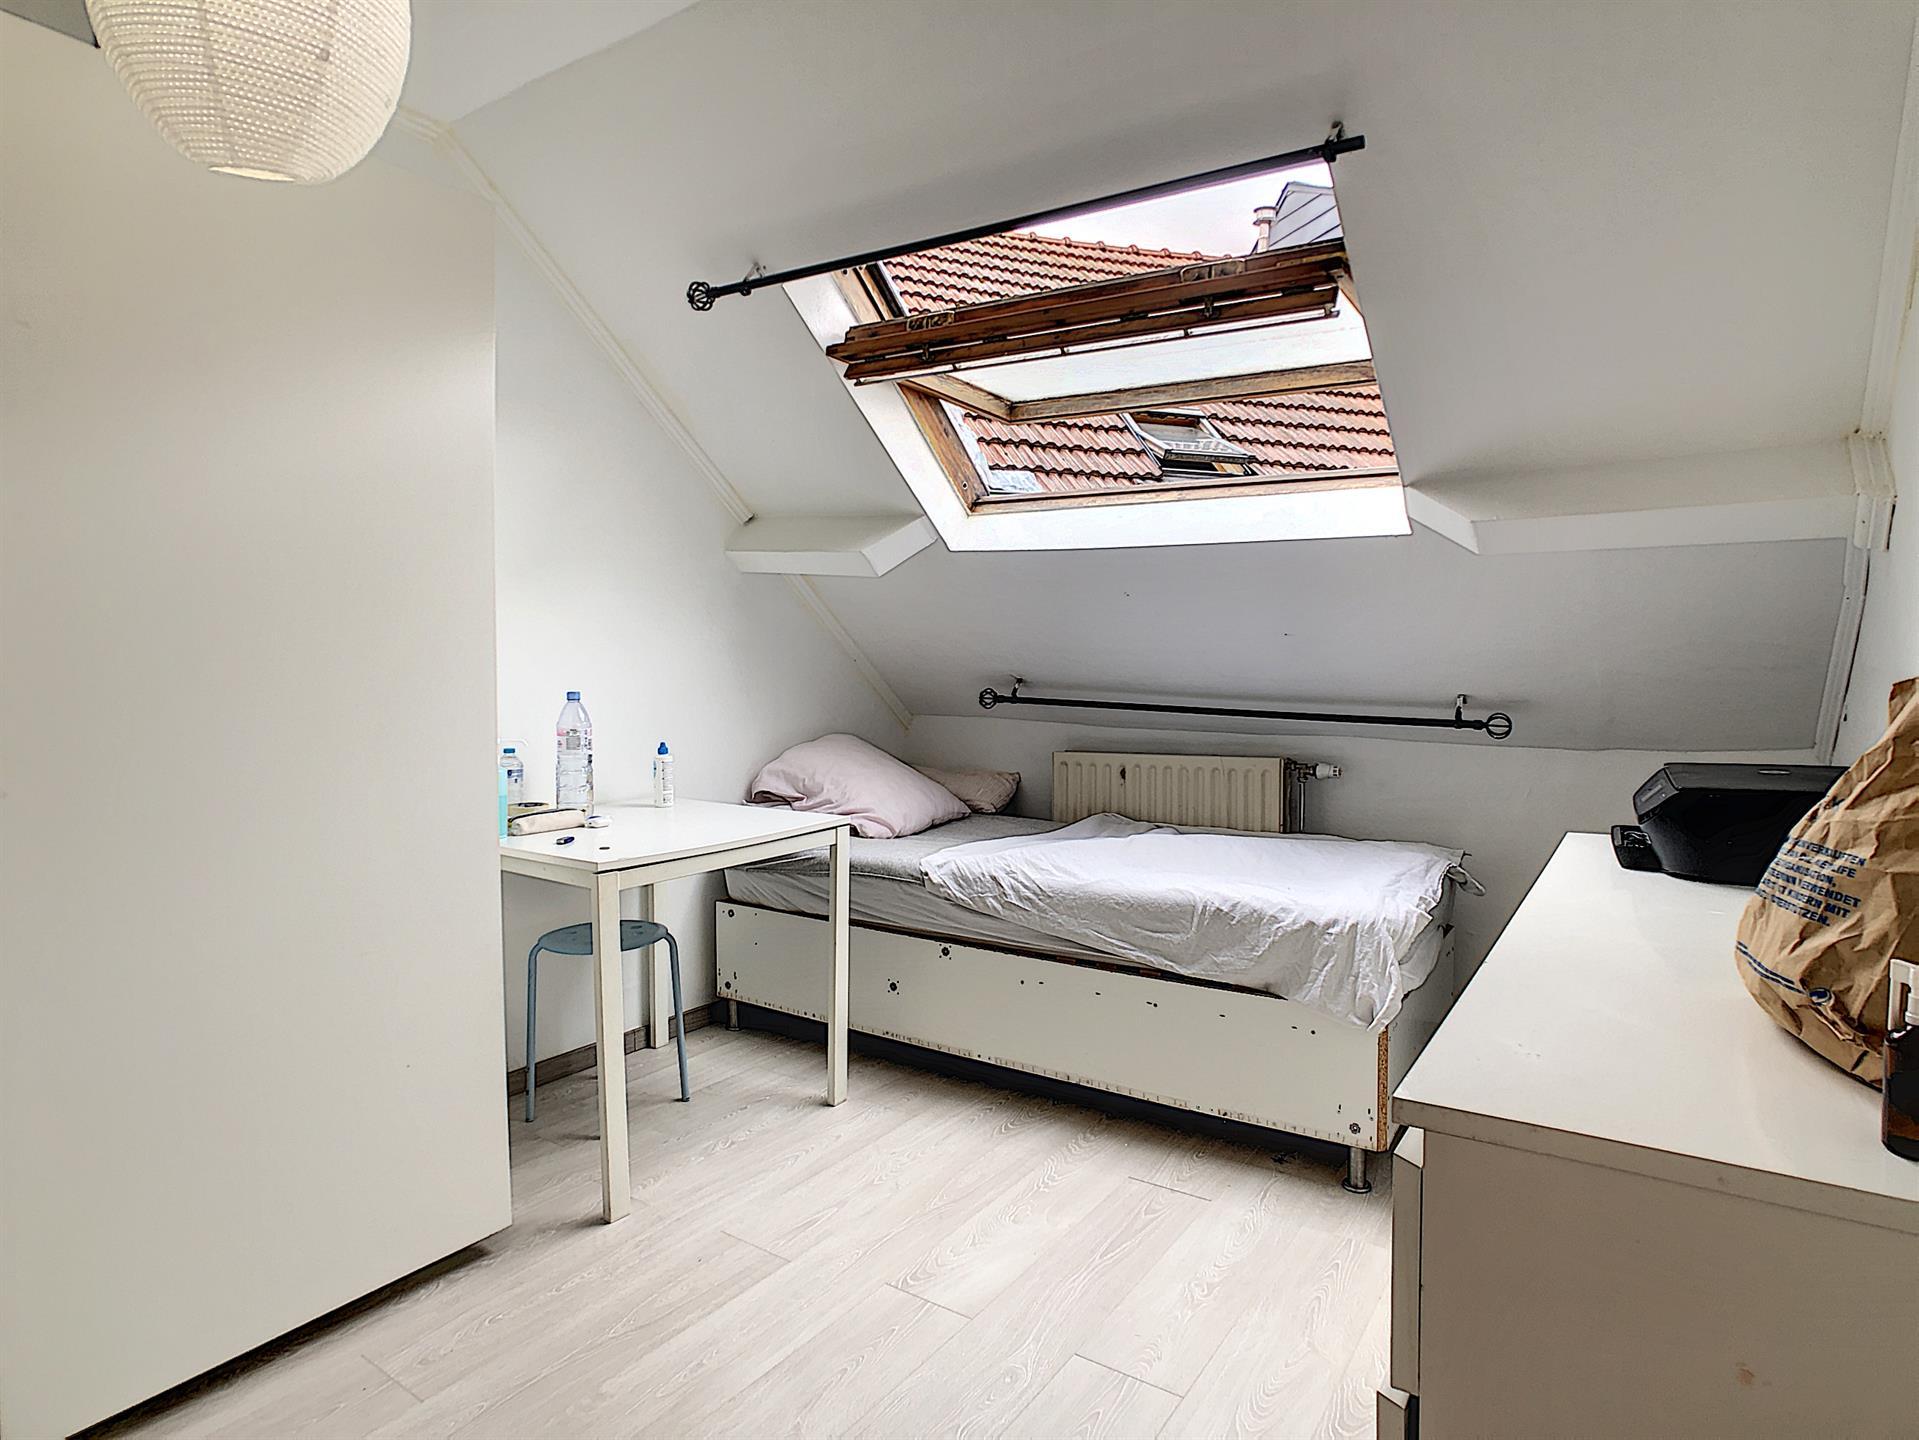 Maison unifamiliale - Ixelles - #4397818-8